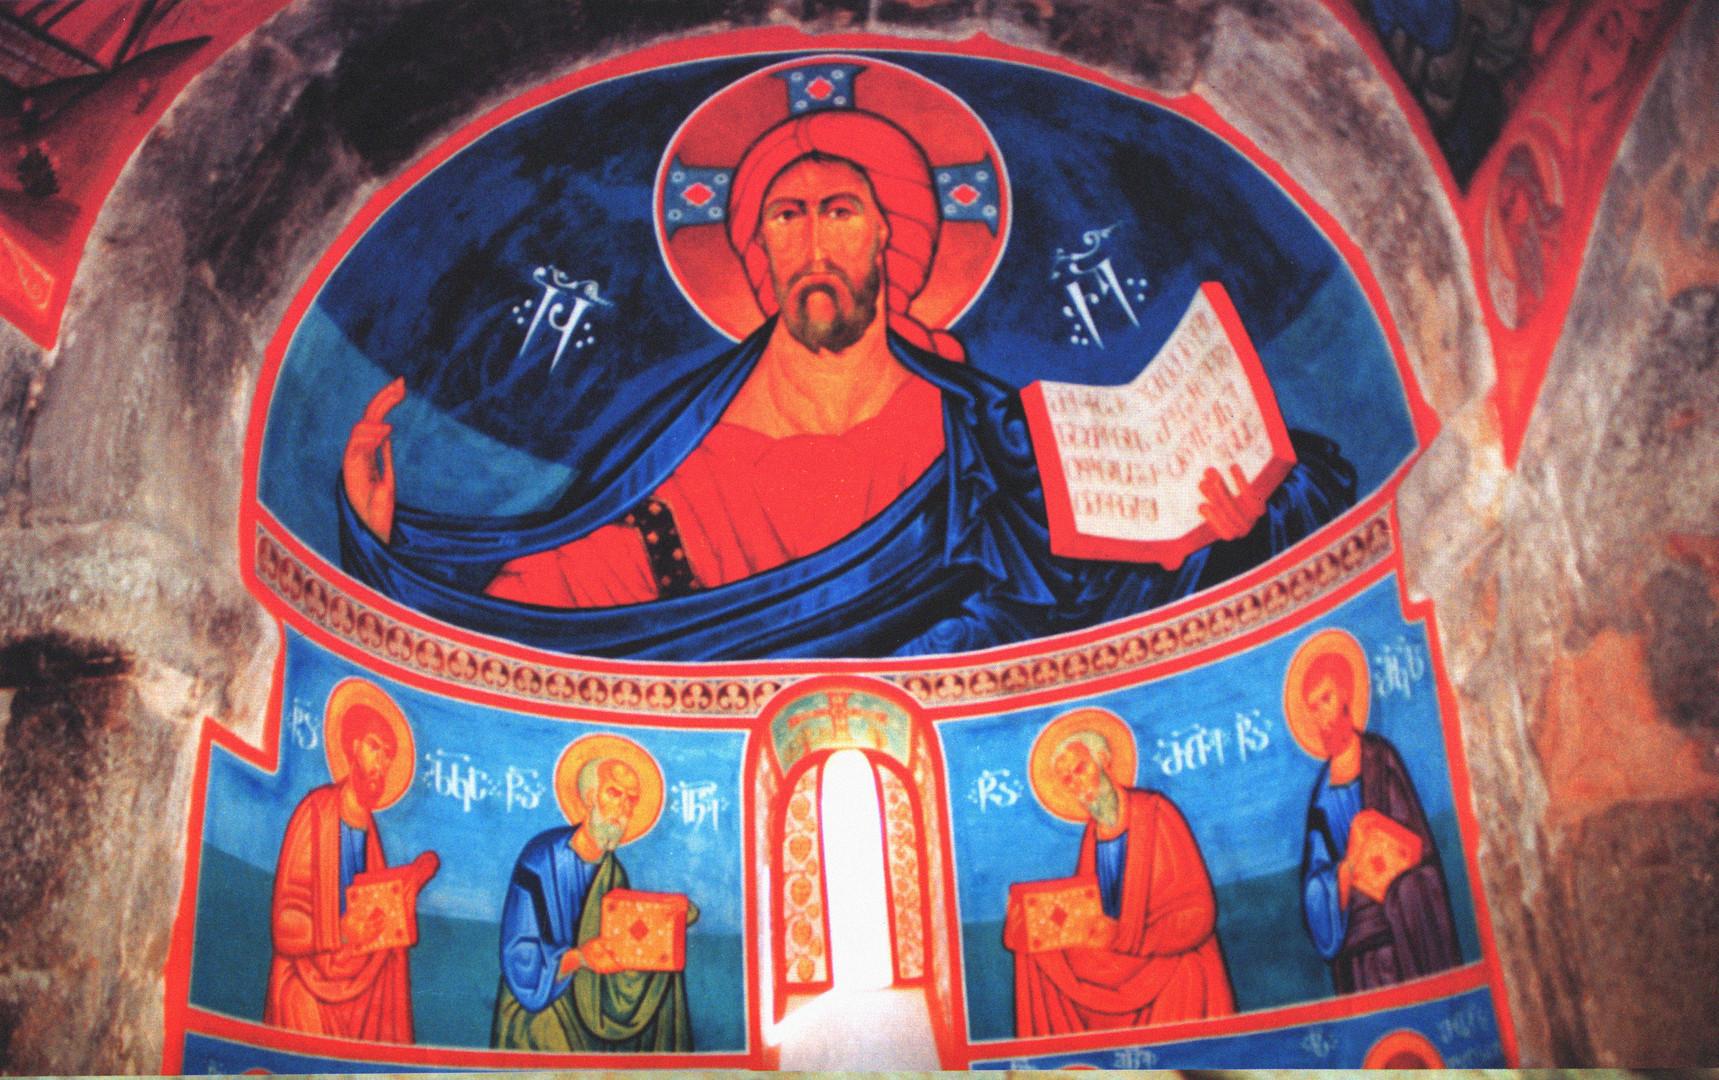 Антиохийская православная церковь в Мцхете. Фото из коллекции Нино Мелия.